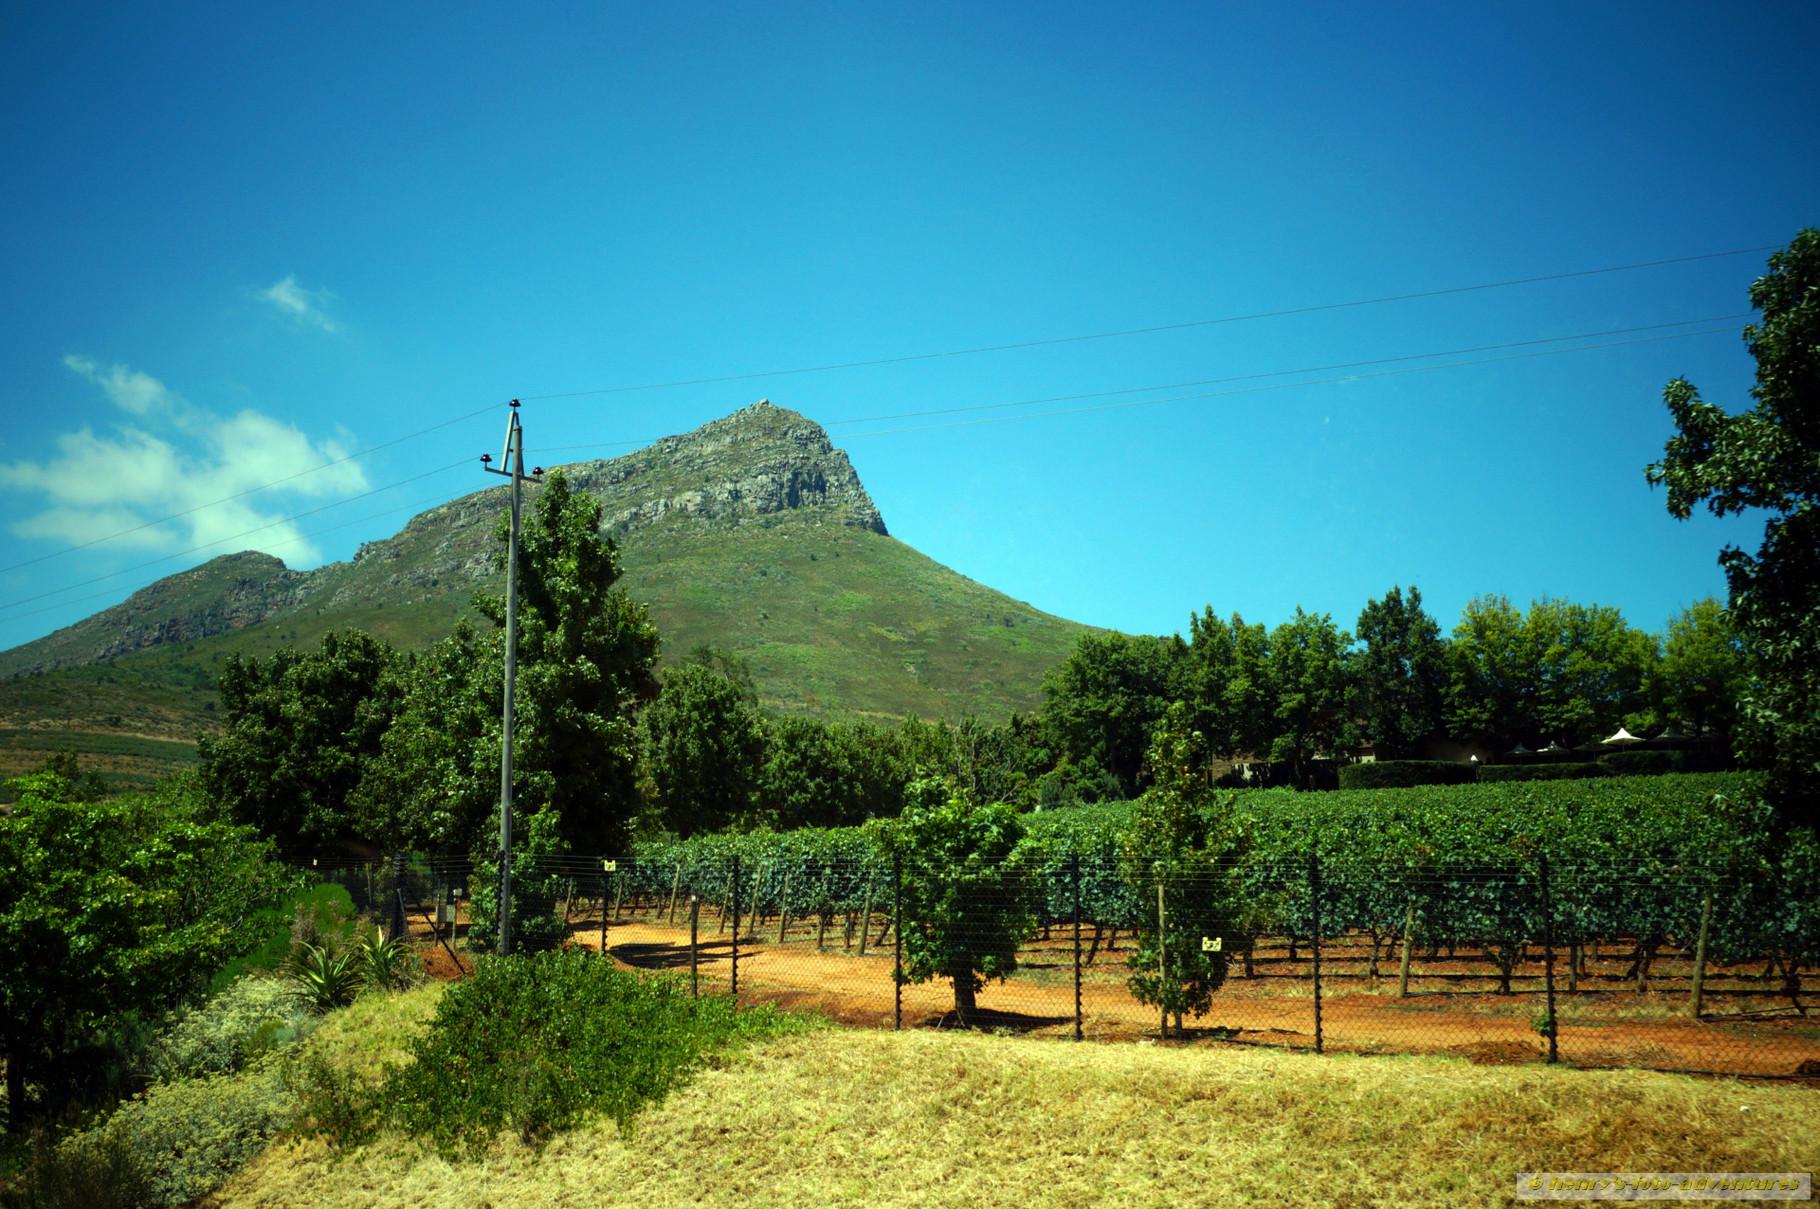 Wein- und Obstgärten entlang der Strasse